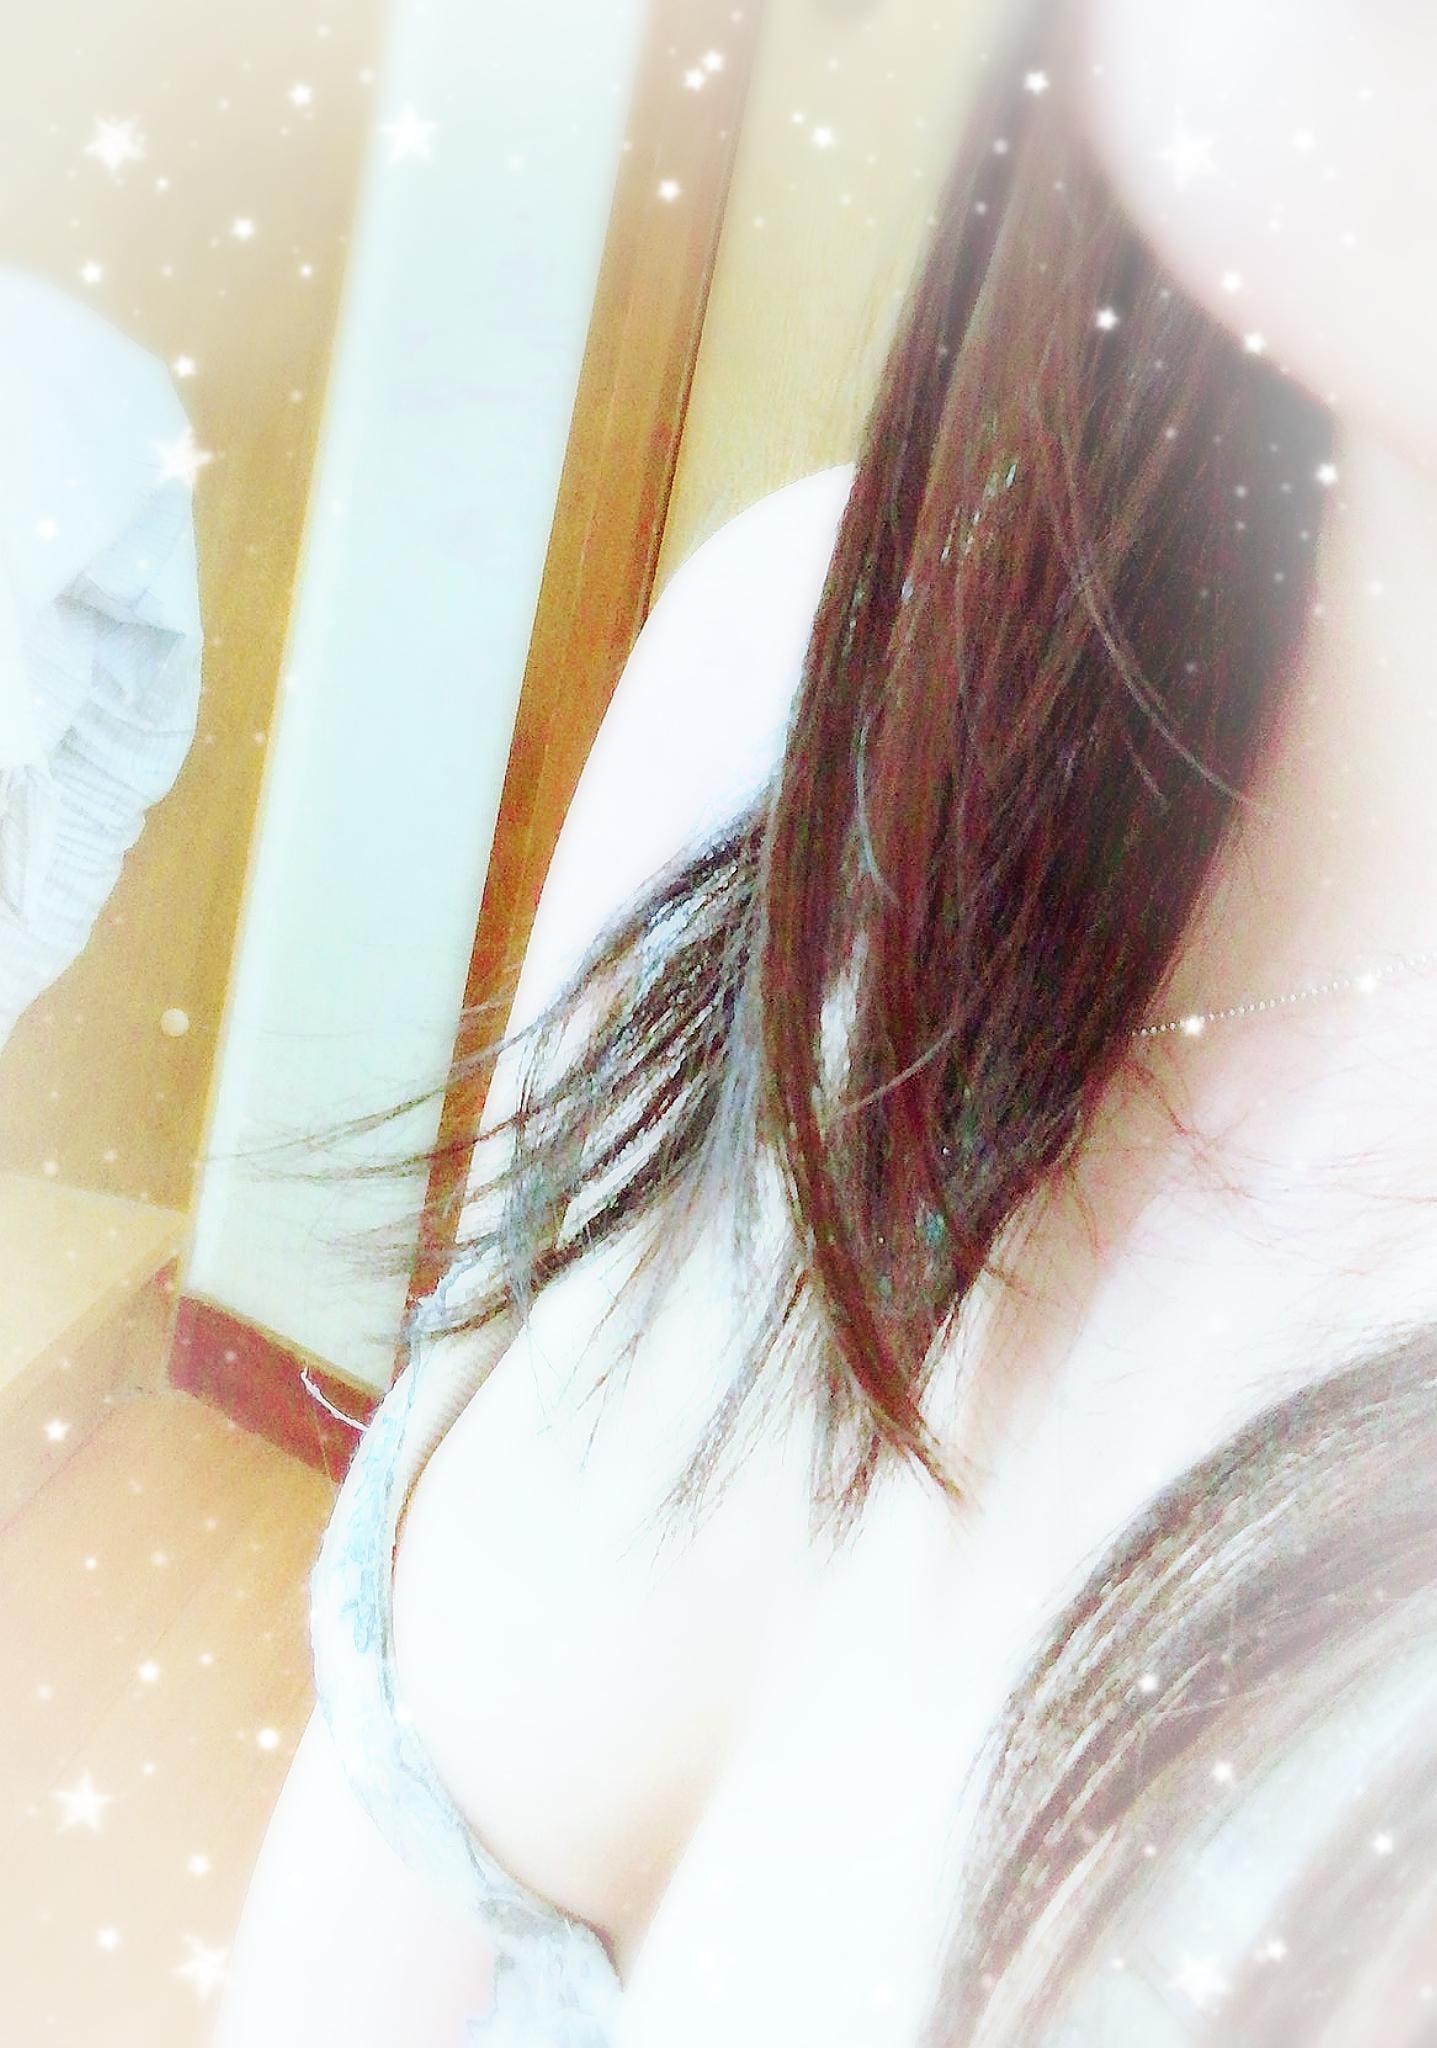 「ゆいか」02/18日(月) 21:01 | ゆいかの写メ・風俗動画